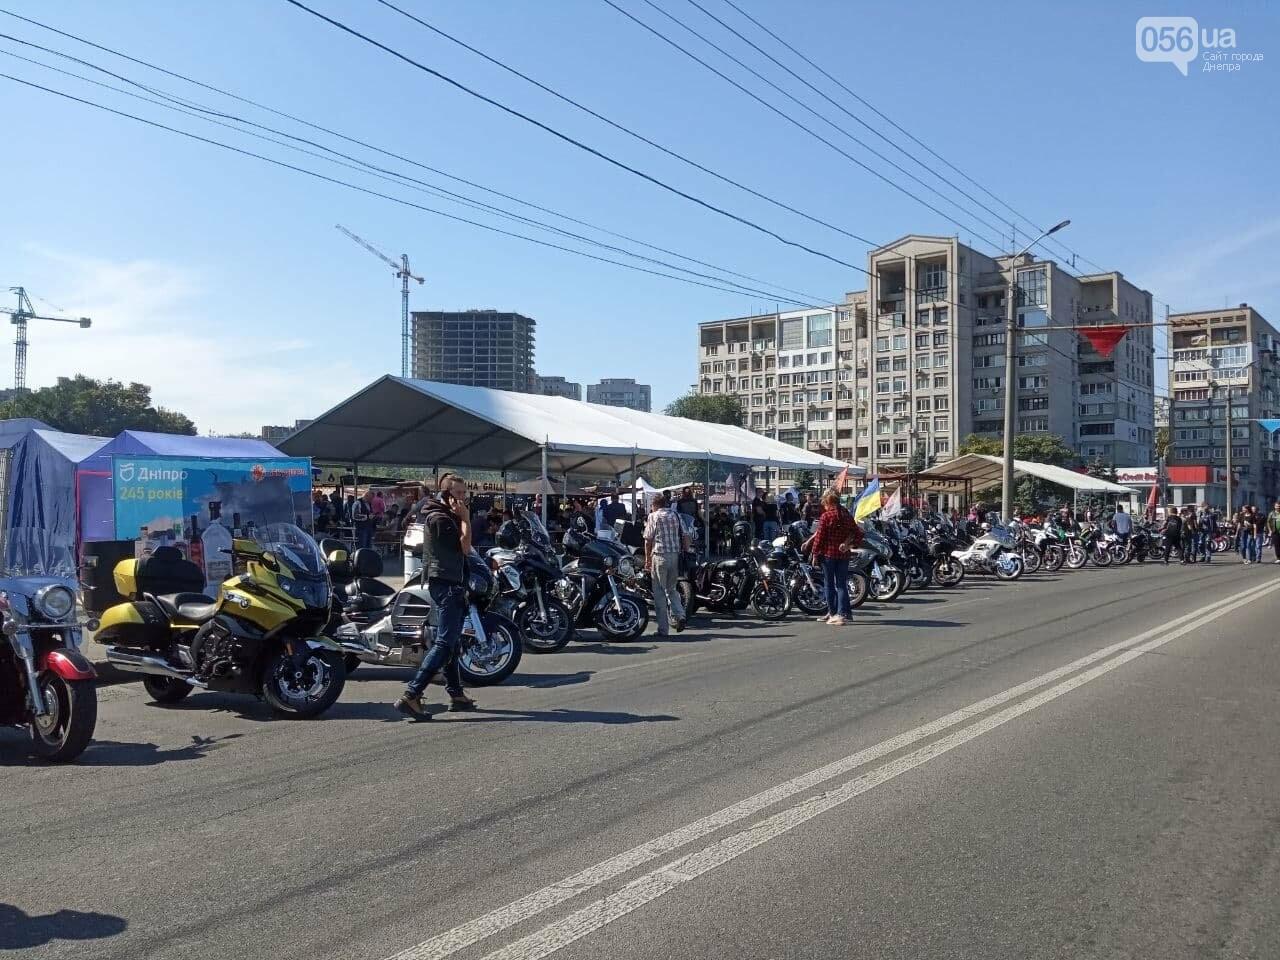 В Днепре байкеры сезон закрыли, но мотоциклы в гараж не поставили, - ФОТО, ВИДЕО, фото-14